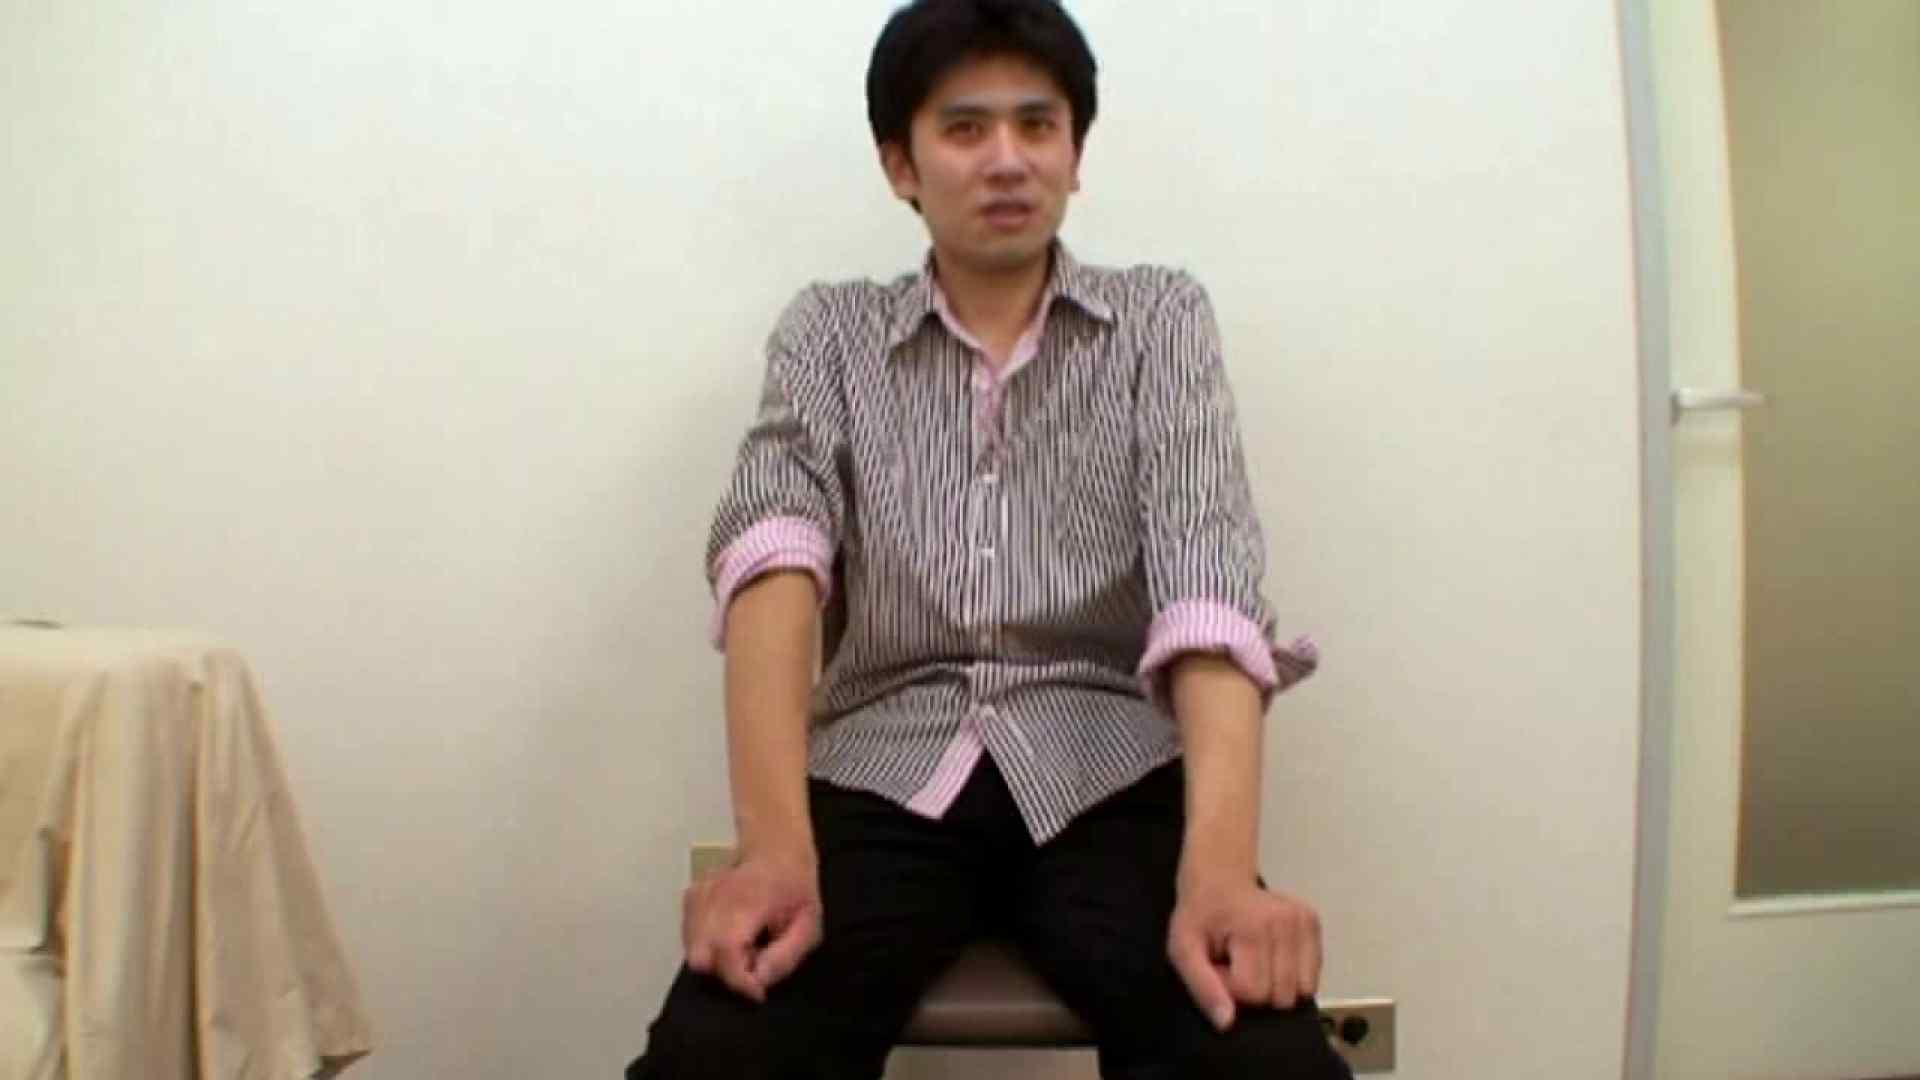 ノンケ!自慰スタジオ No.32 オナニー ゲイモロ画像 92pic 38